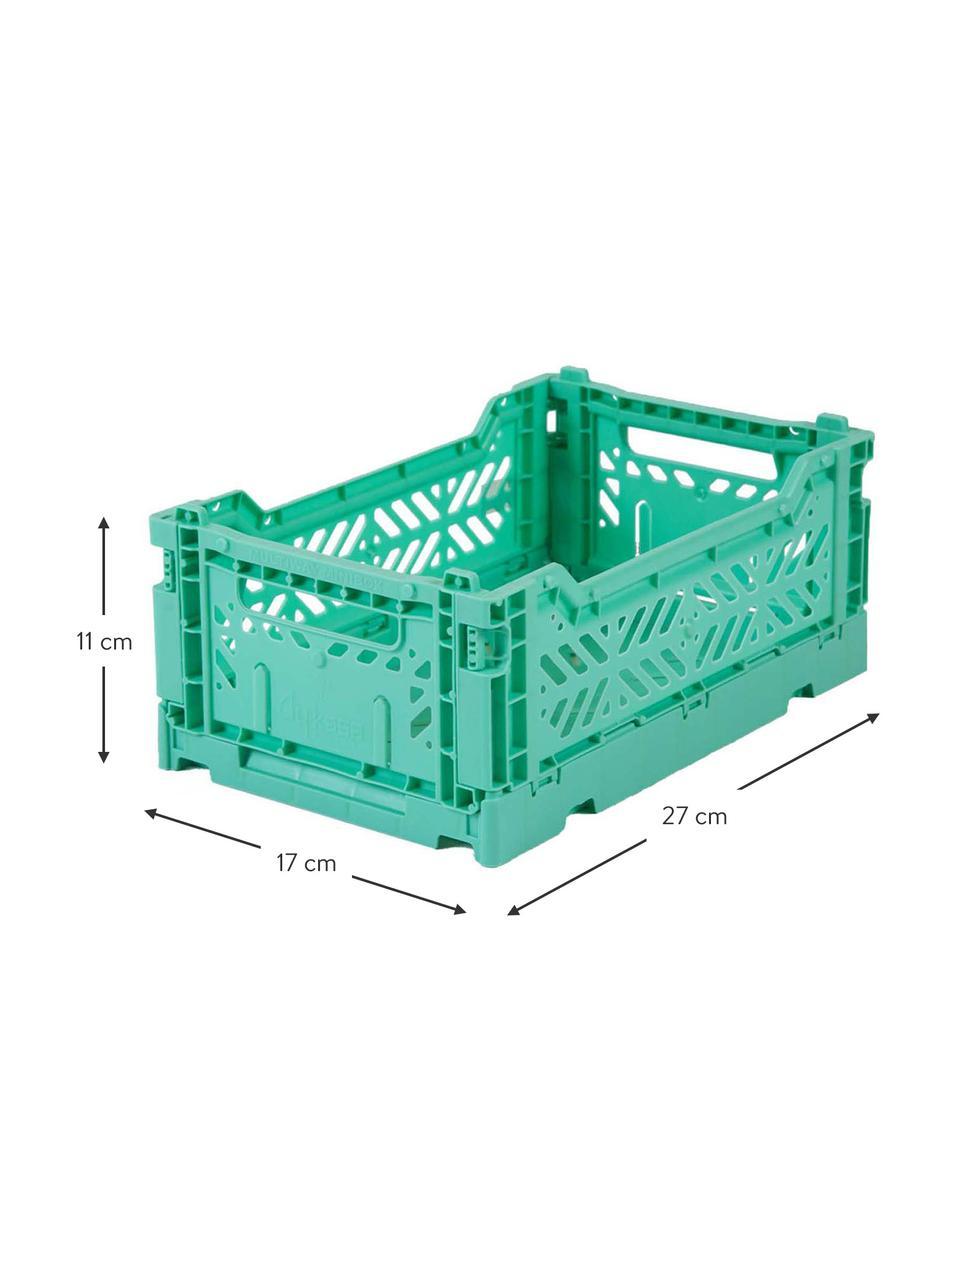 Petite caisse pliable Mint, empilable, Vert menthe